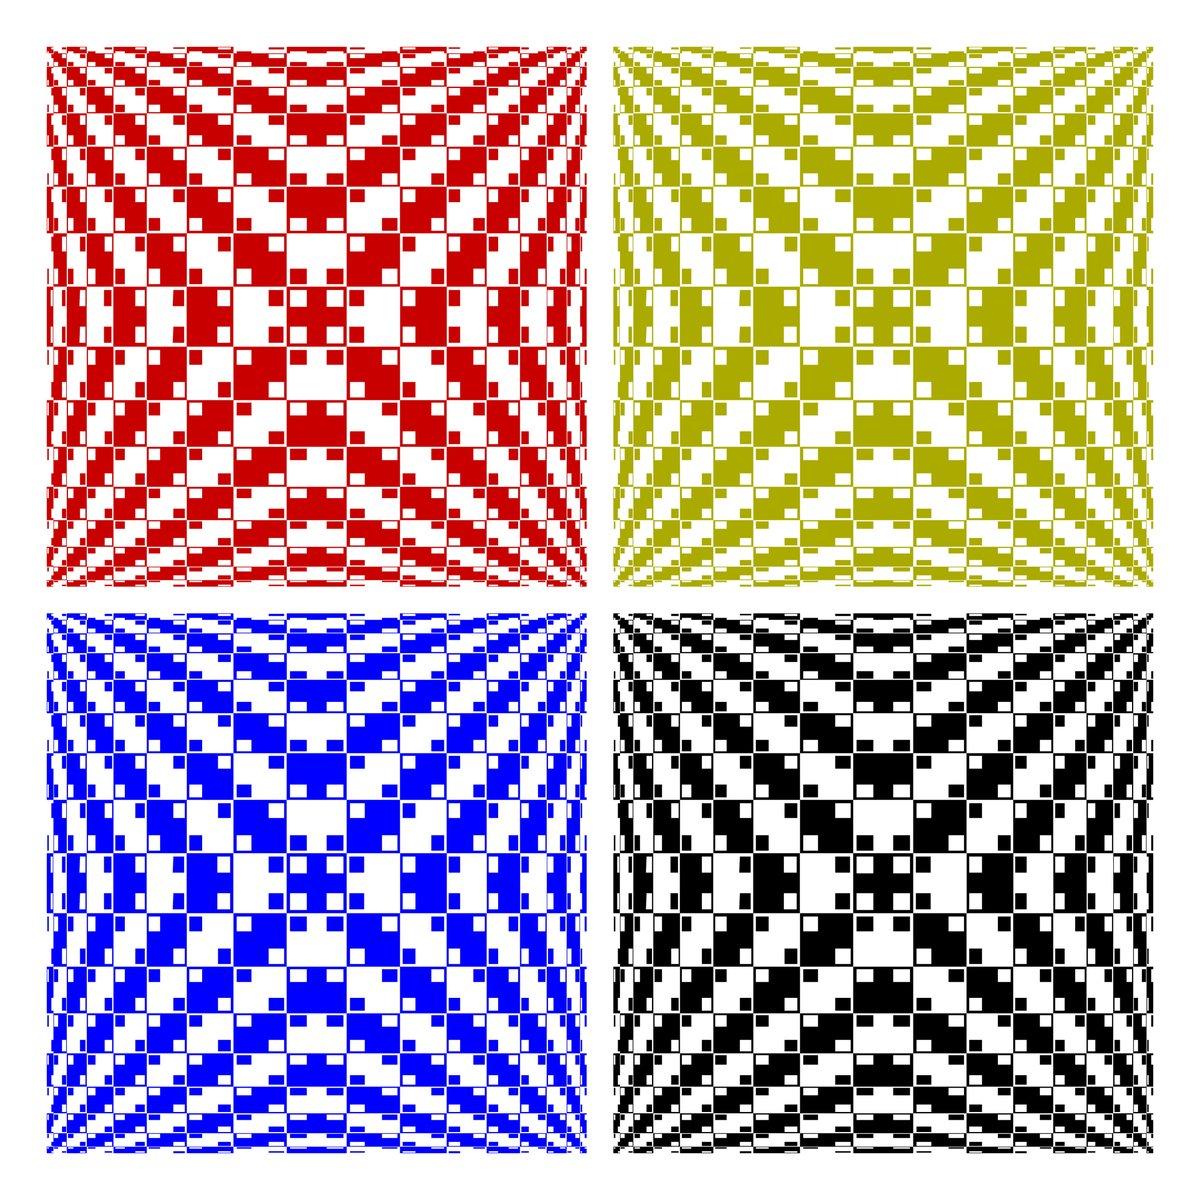 Одна из оптических иллюзий от Акиоши Китаока